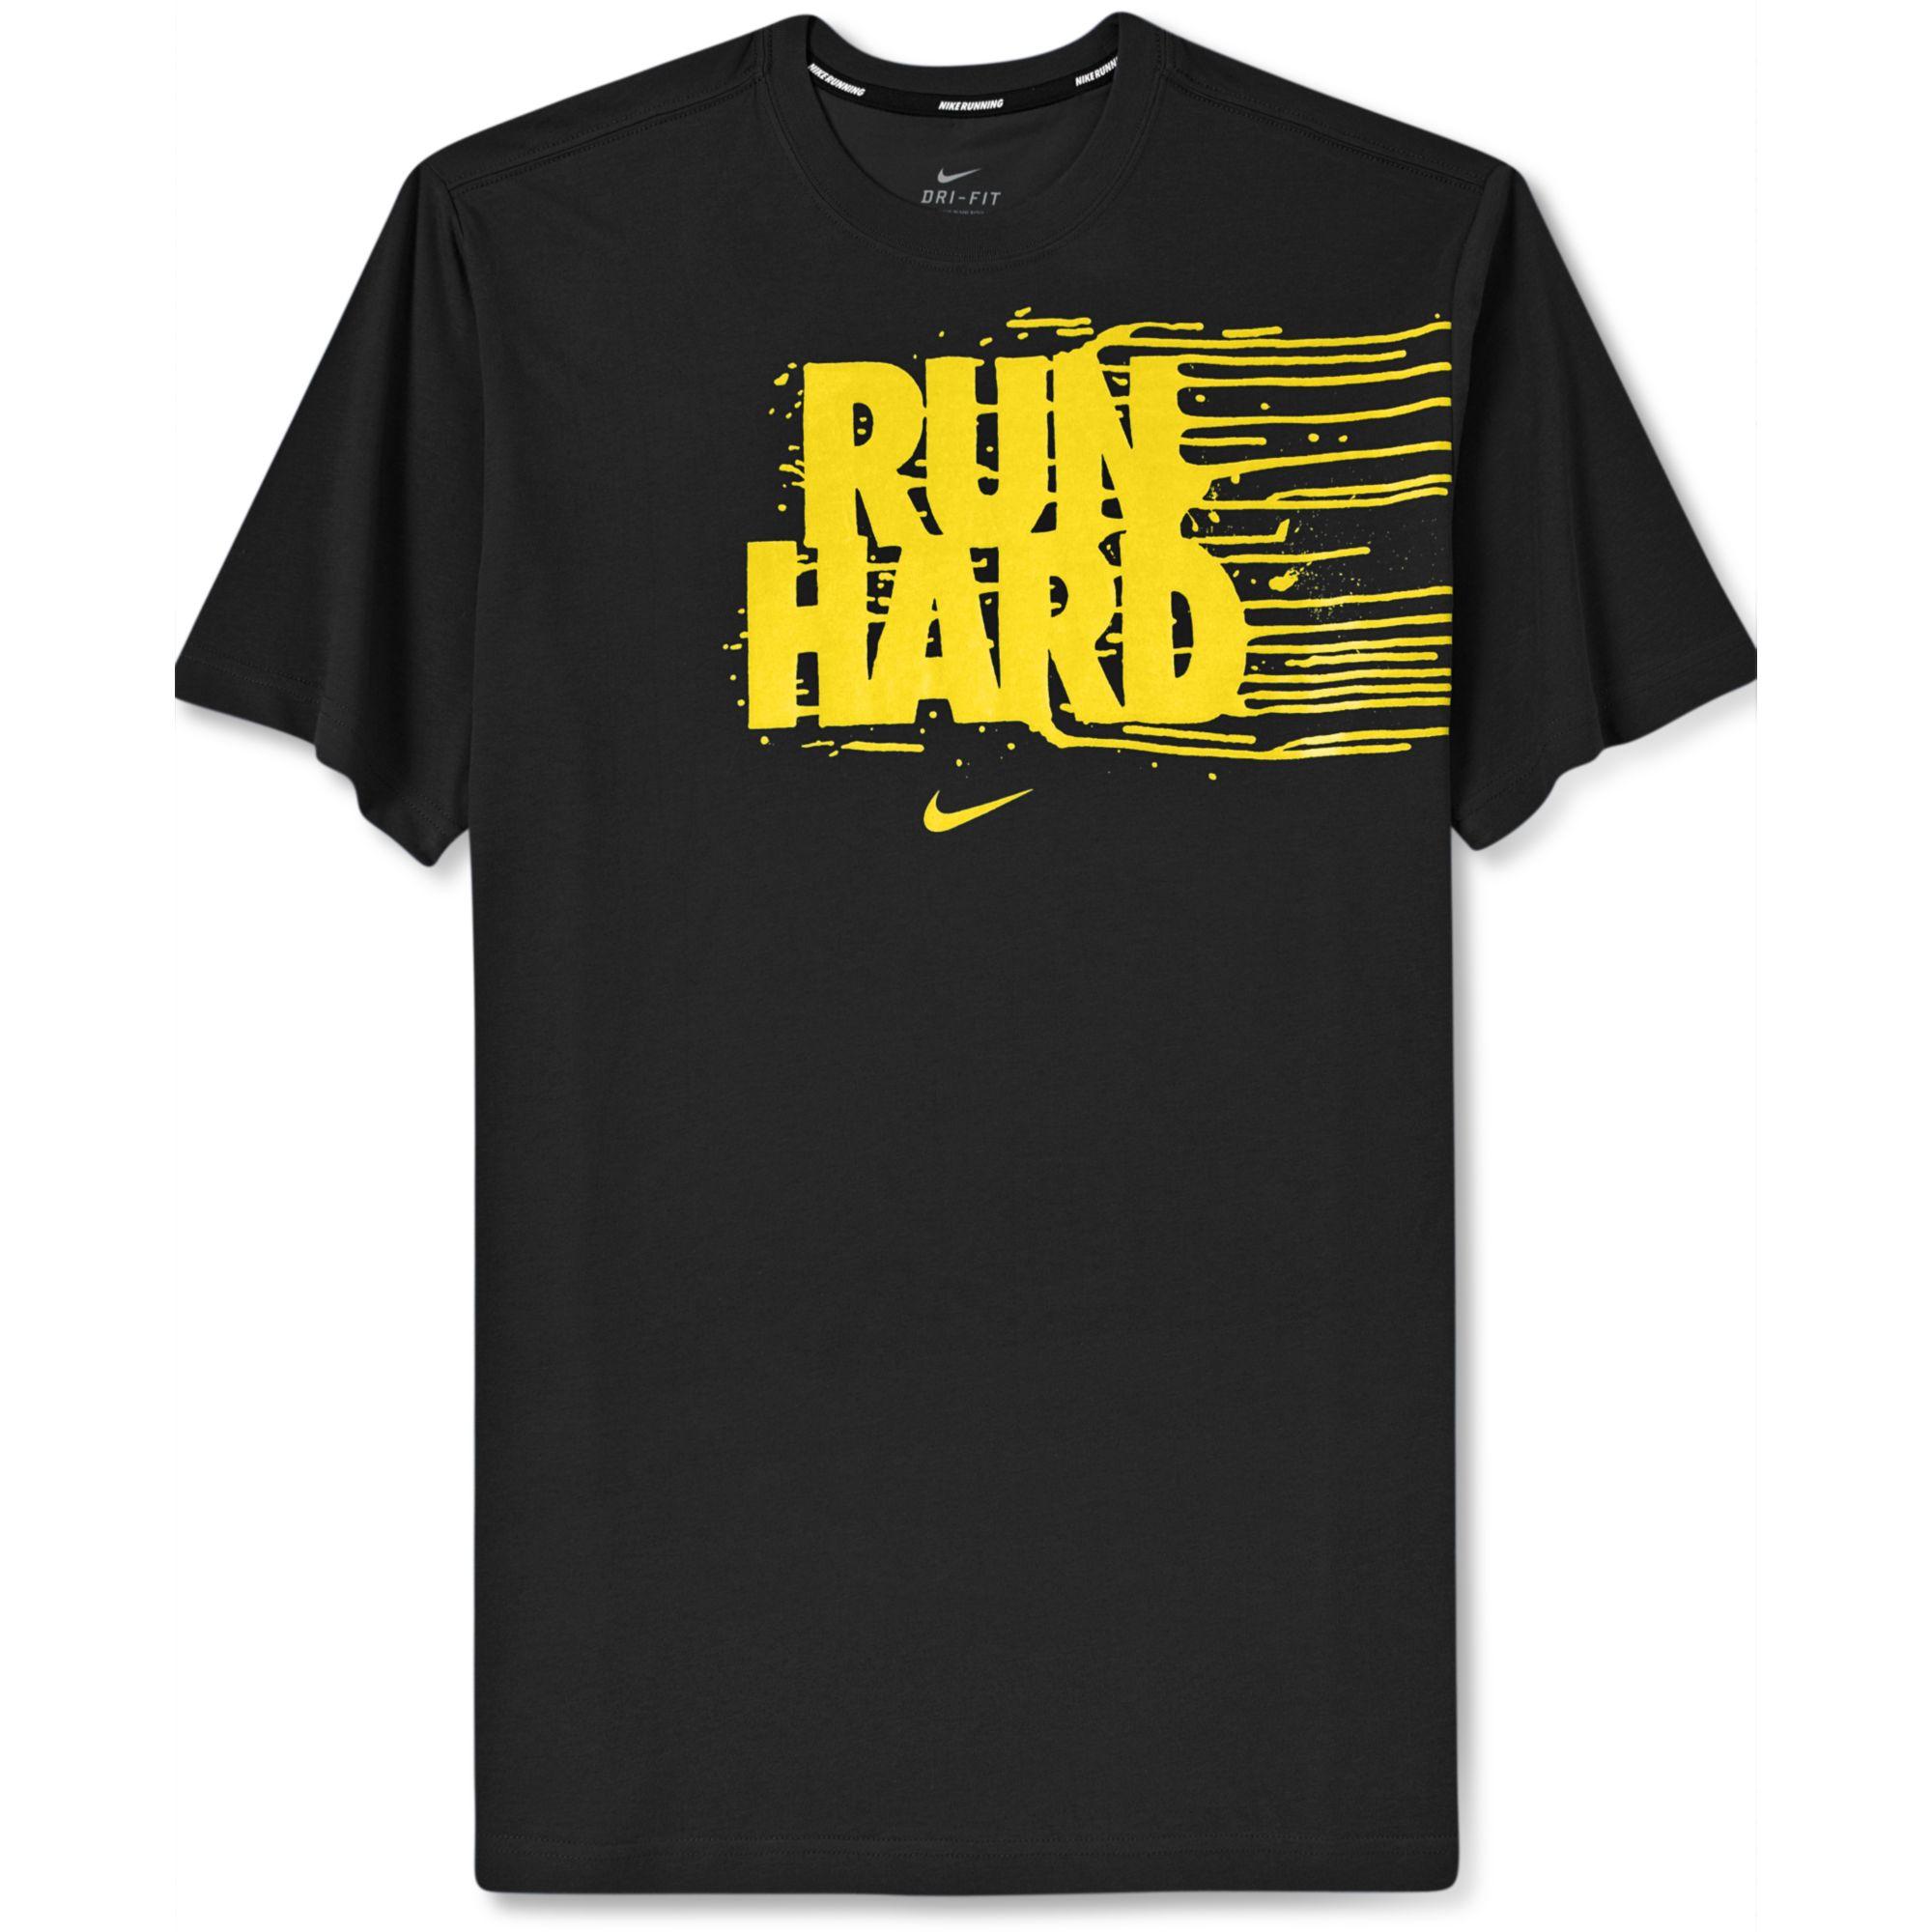 nike shirt run